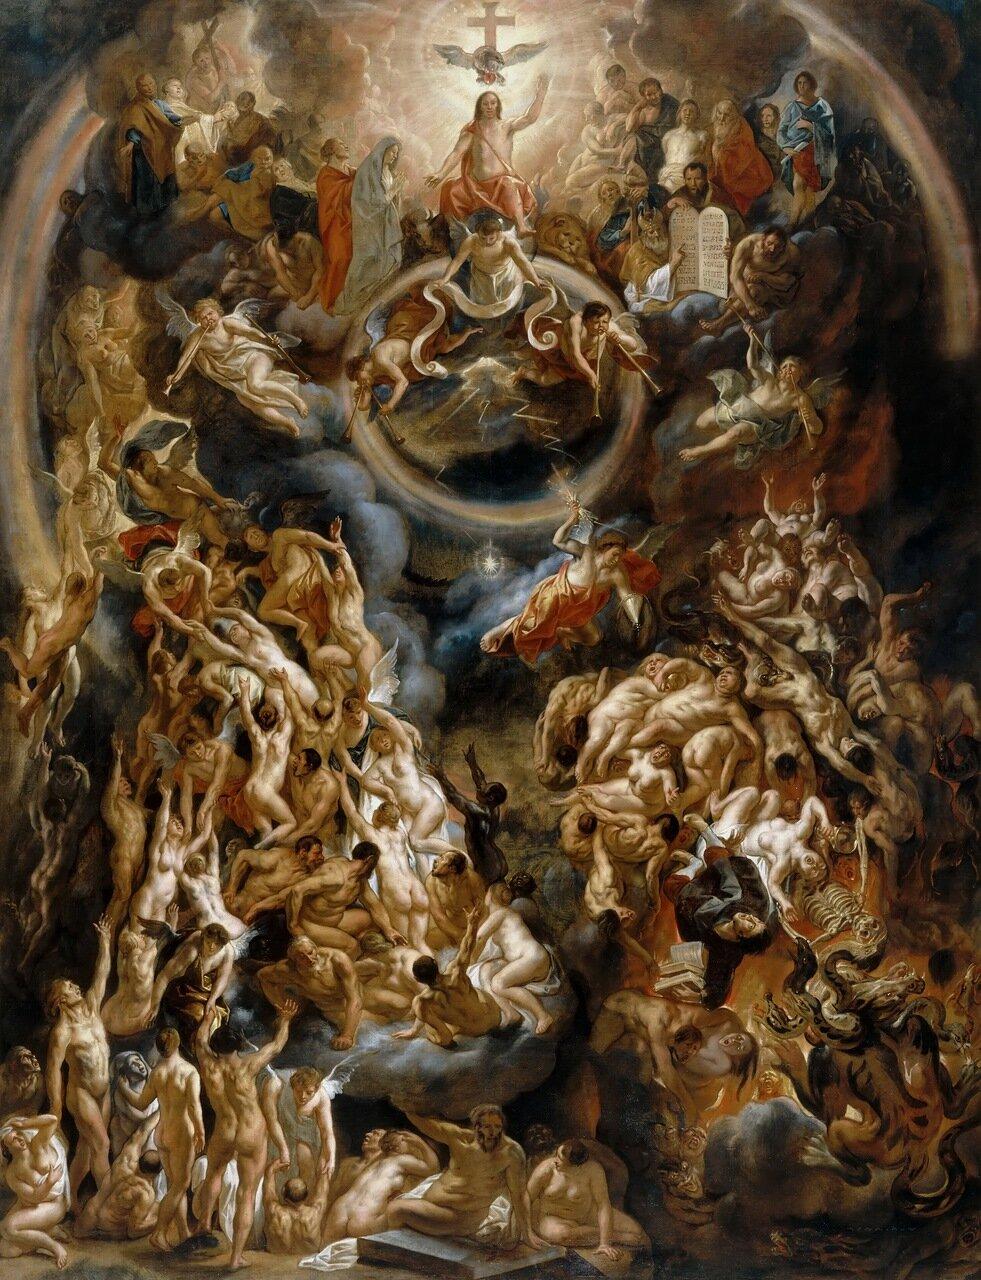 Йорданс, Якоб (Антверпен 1593-1678) -- Страшный суд